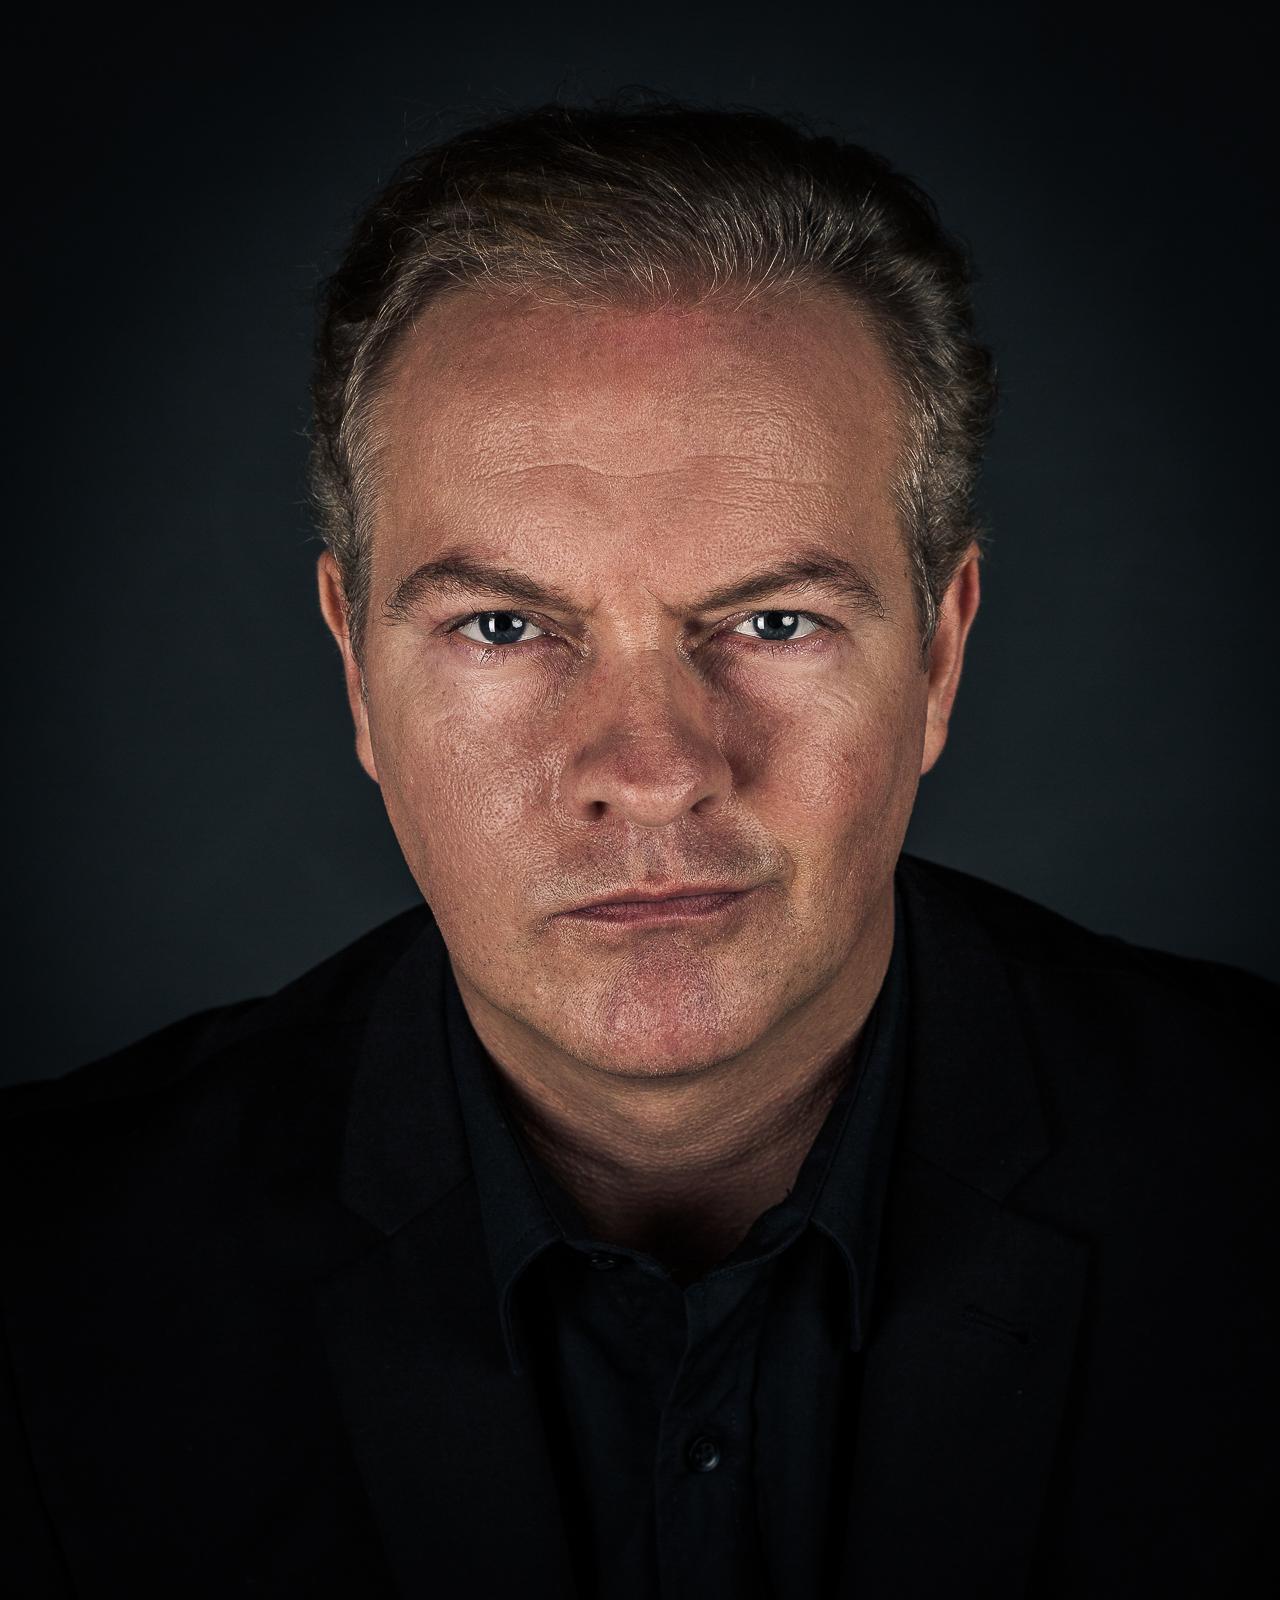 Simon Weir